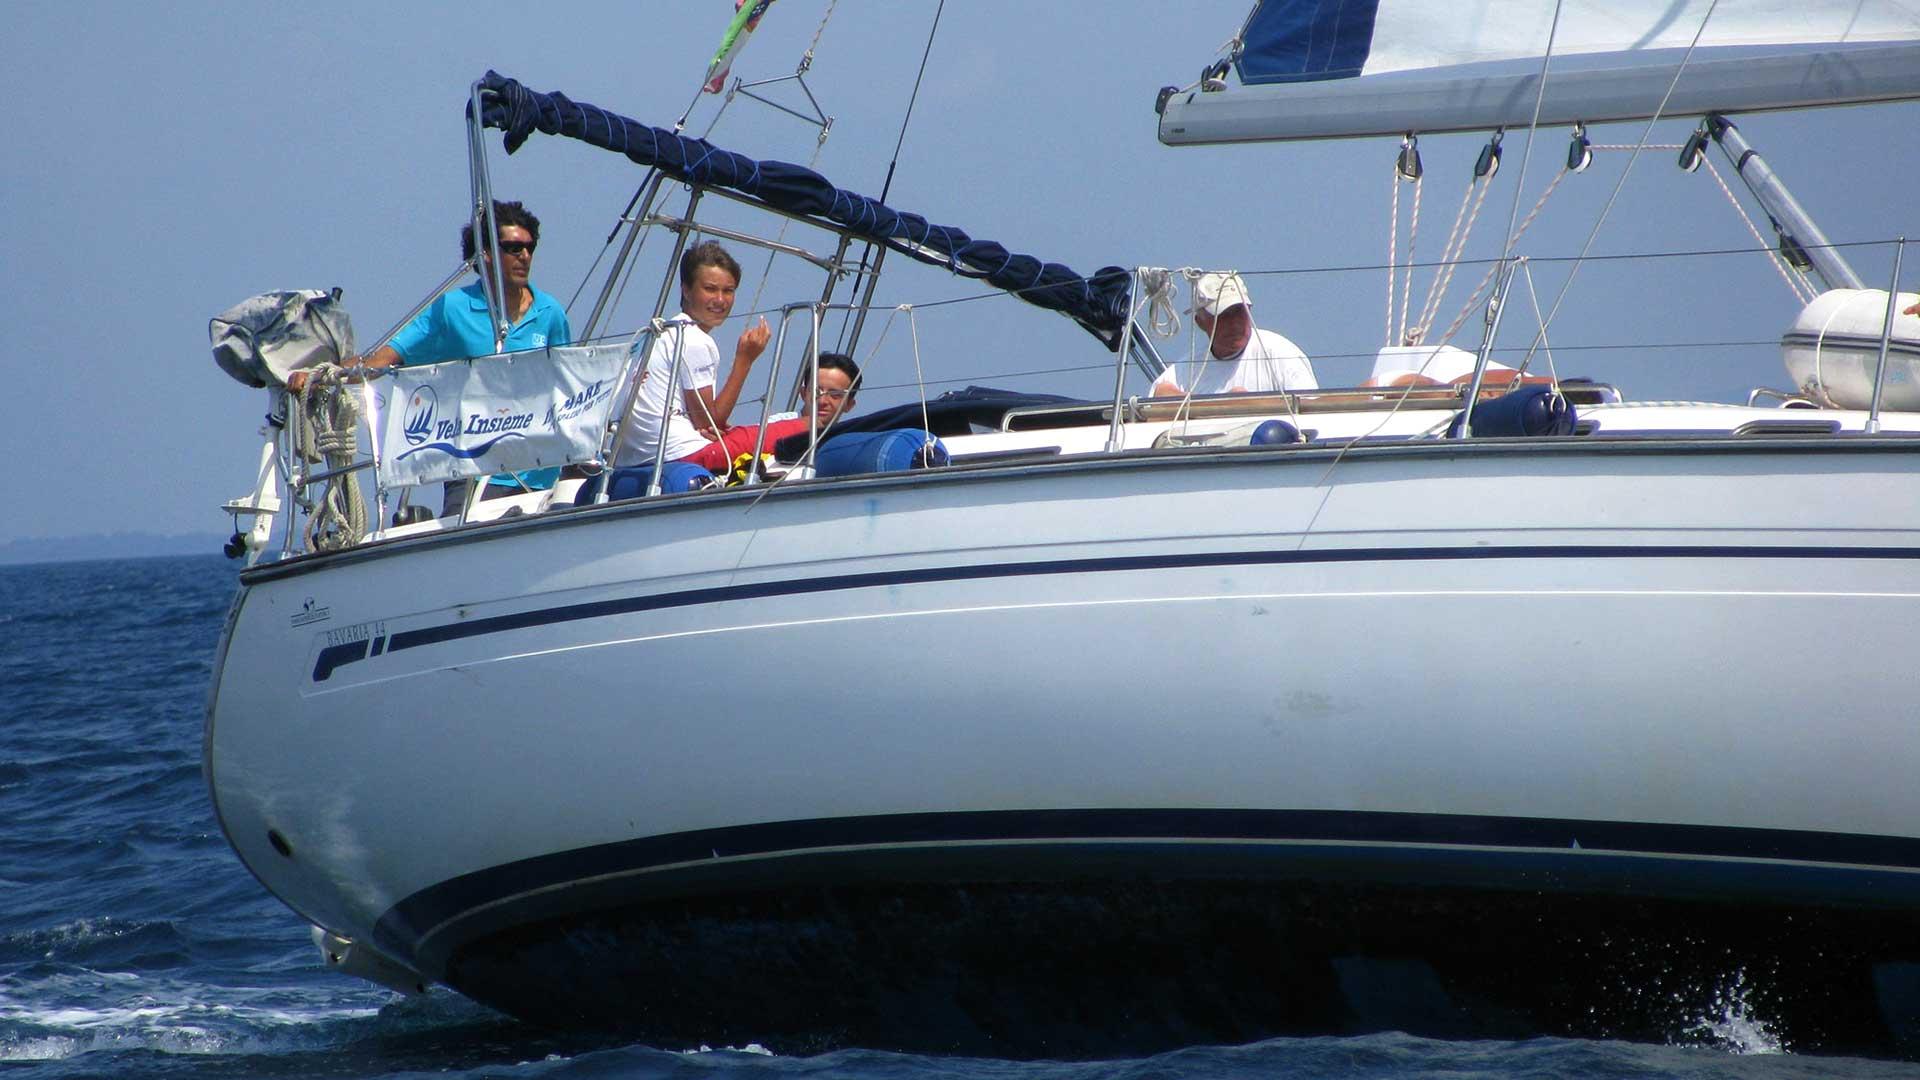 vela-insieme-15-regata-amicizia